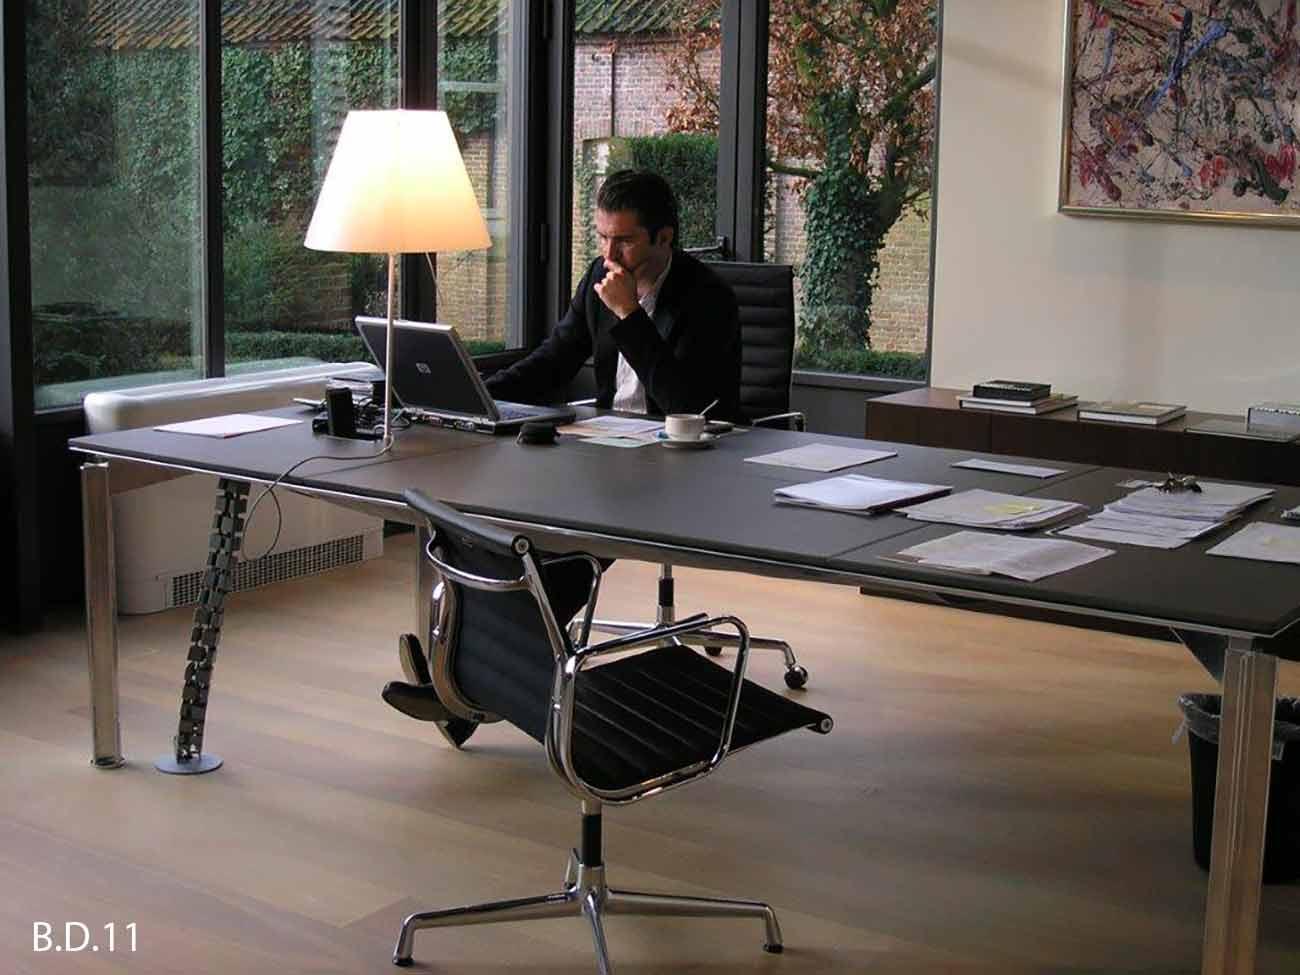 bureaux_direction_11